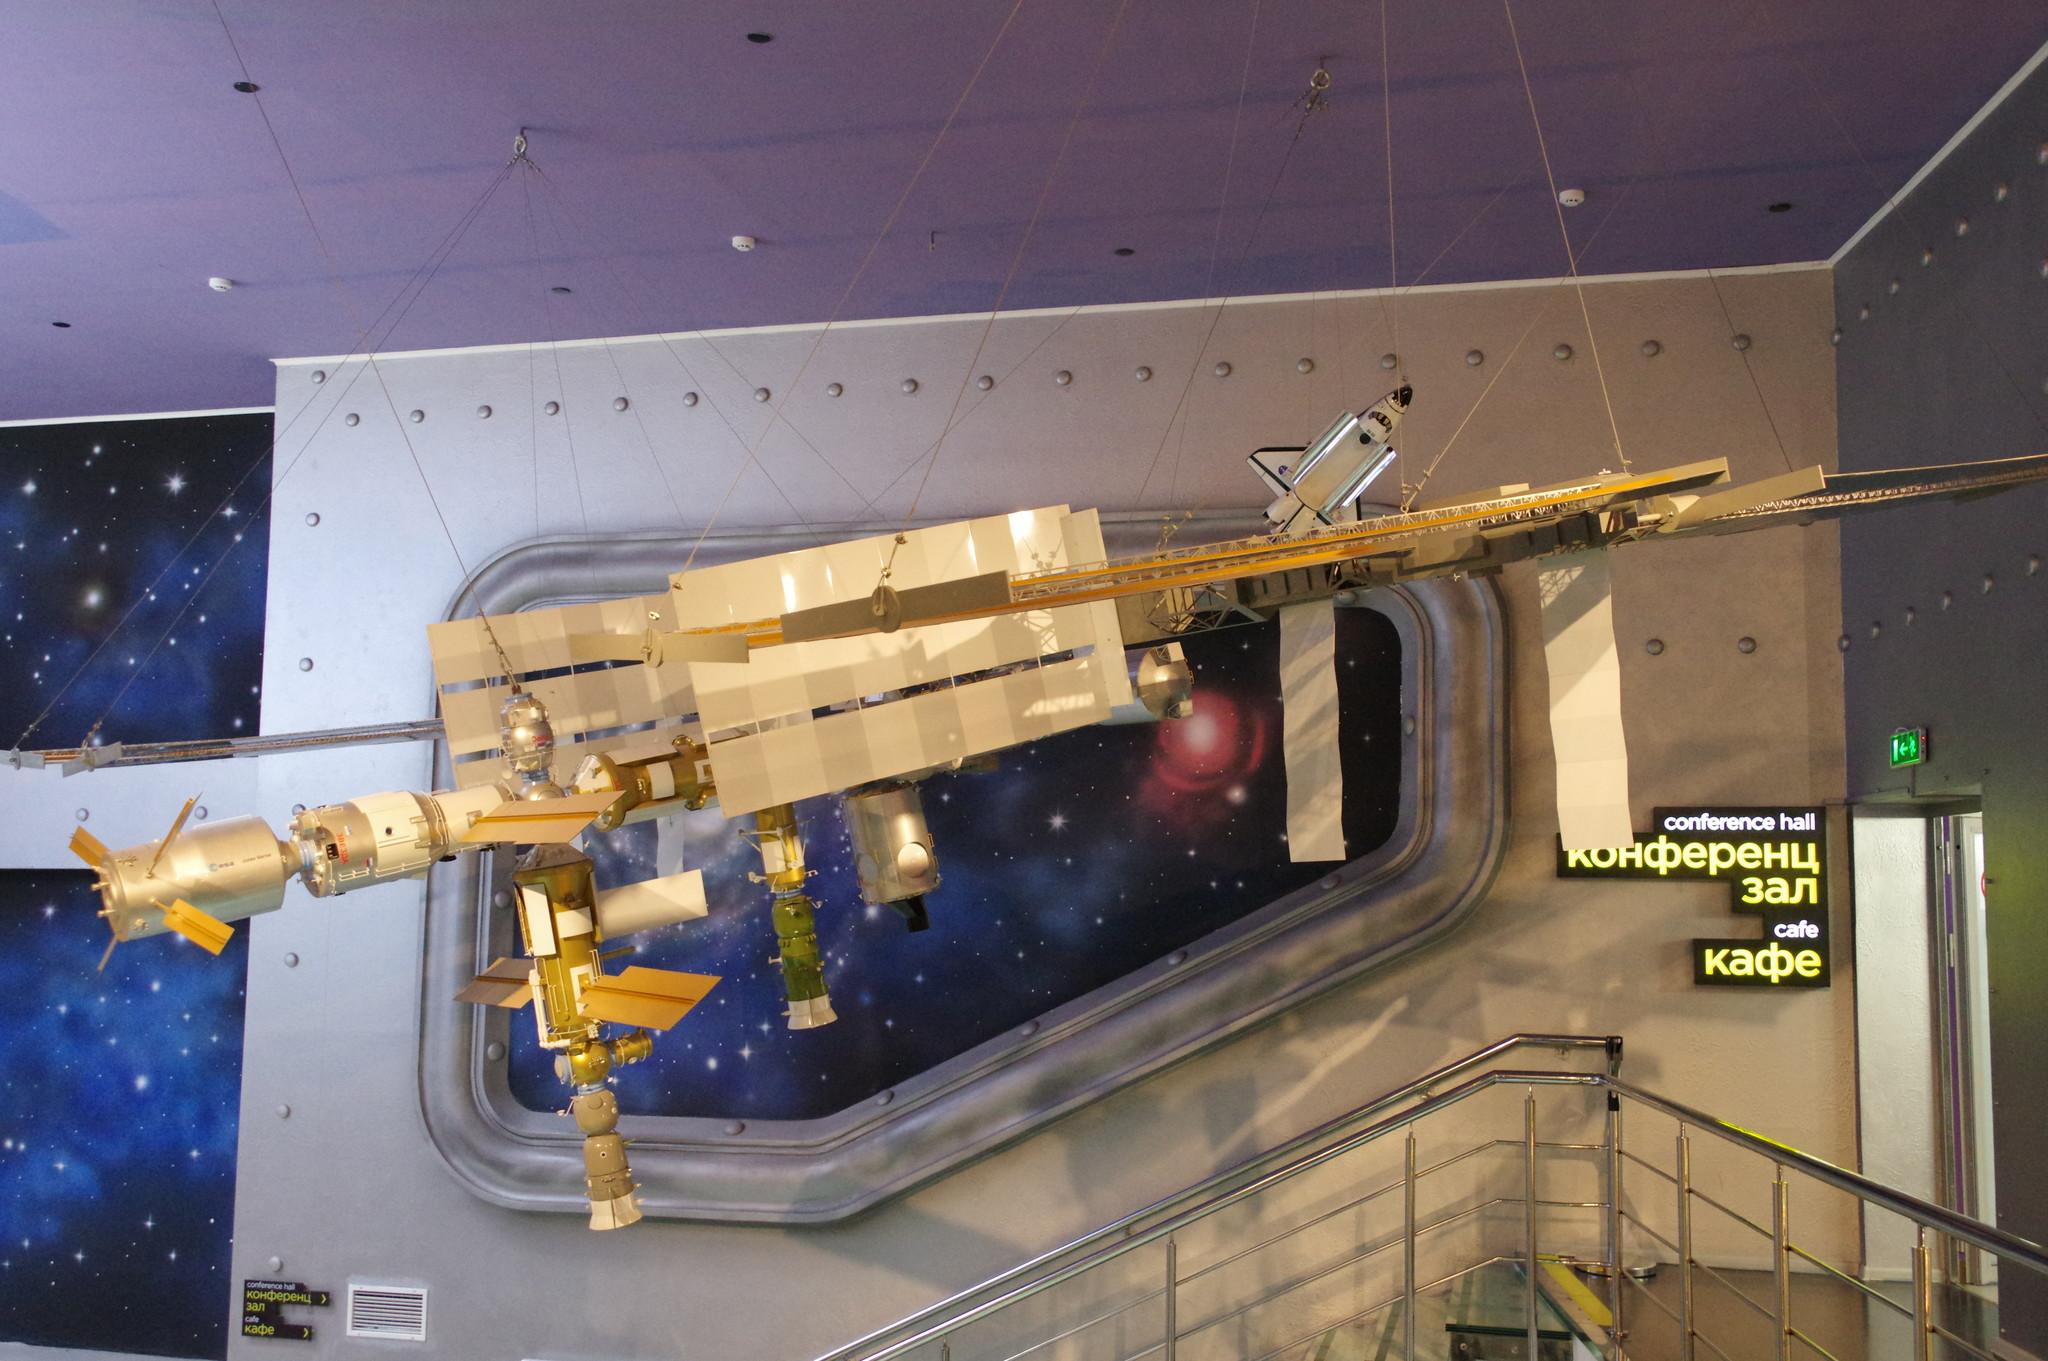 Международная космическая станция (МКС). Макет М 1:20. Музей Космонавтики в Москве